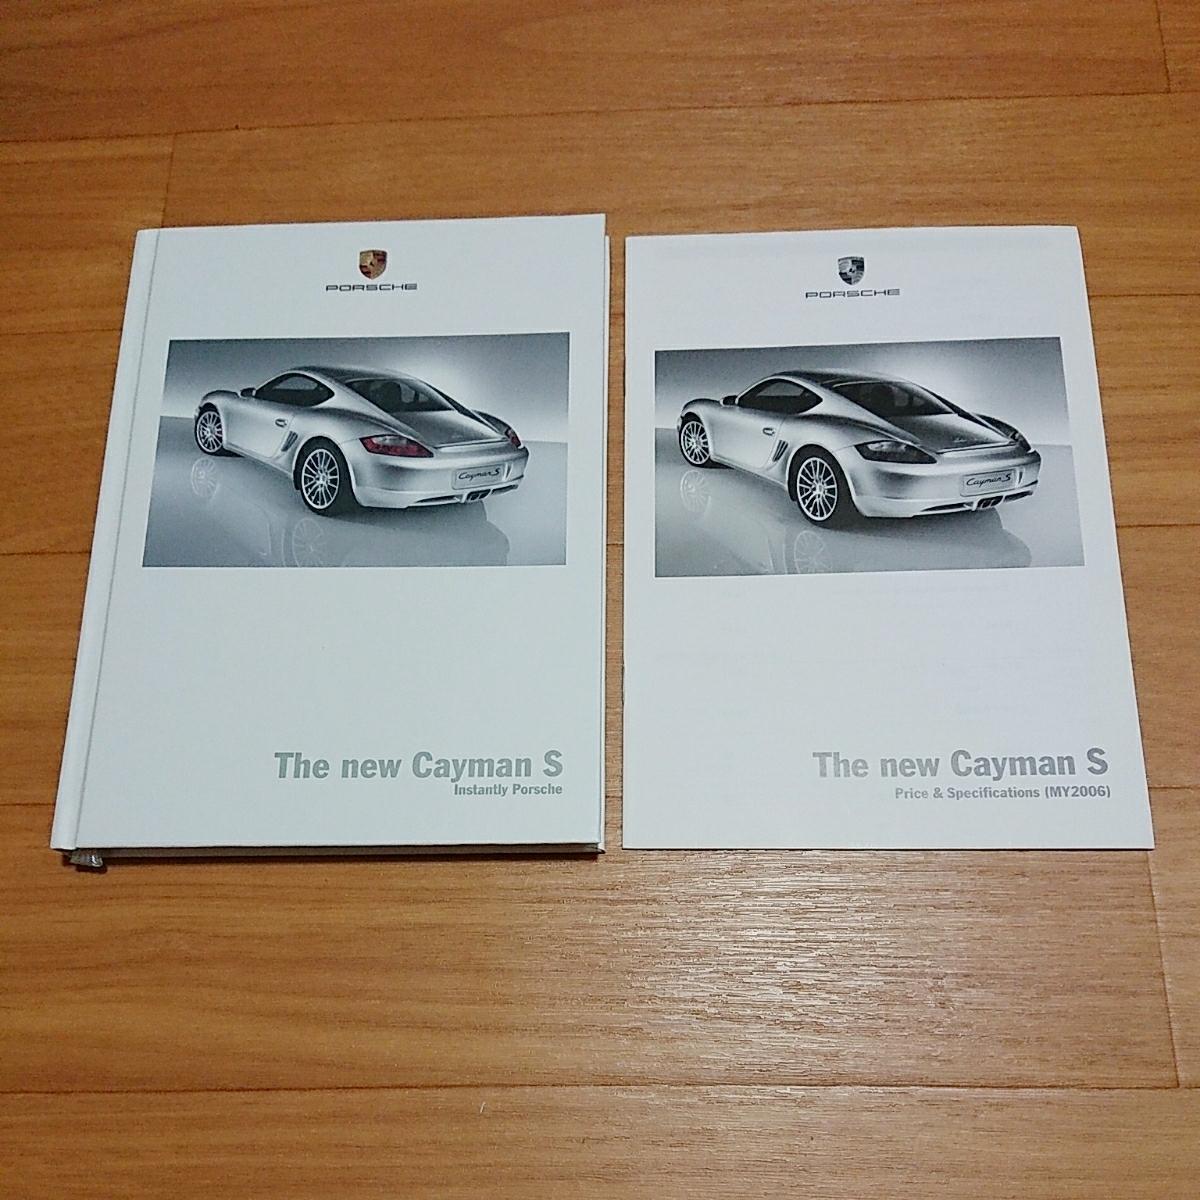 ポルシェケイマンS カタログ2冊セット 2005年 日本語版_画像1